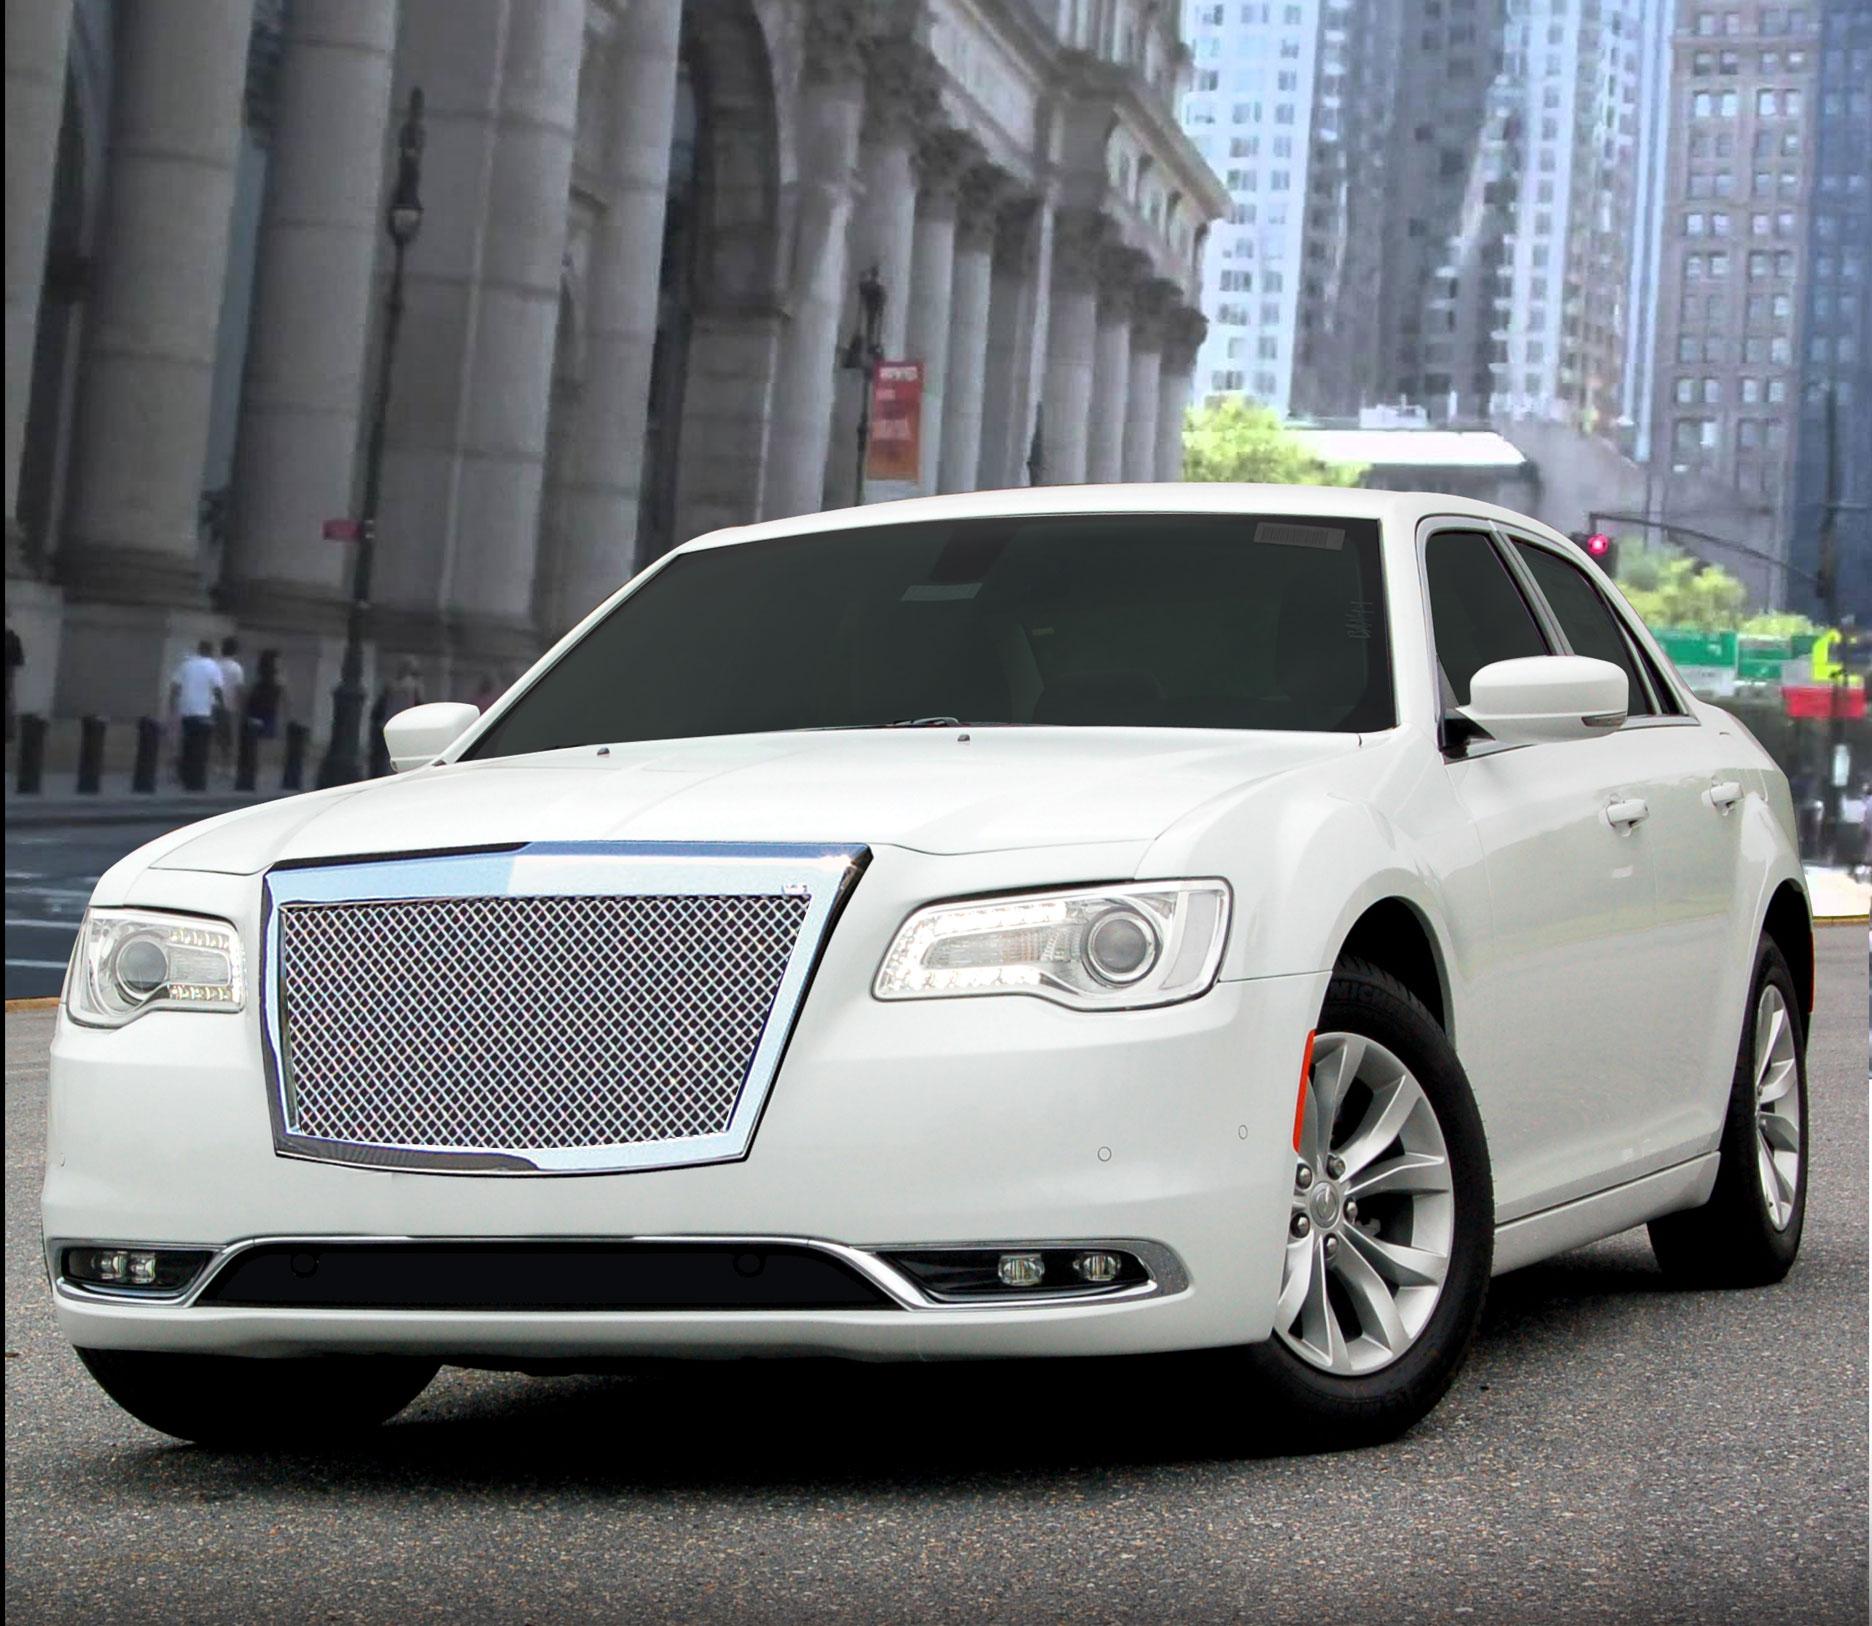 Chrysler 300: E&G Classics Chrysler 300, 300C, Touring Grilles Wing Body